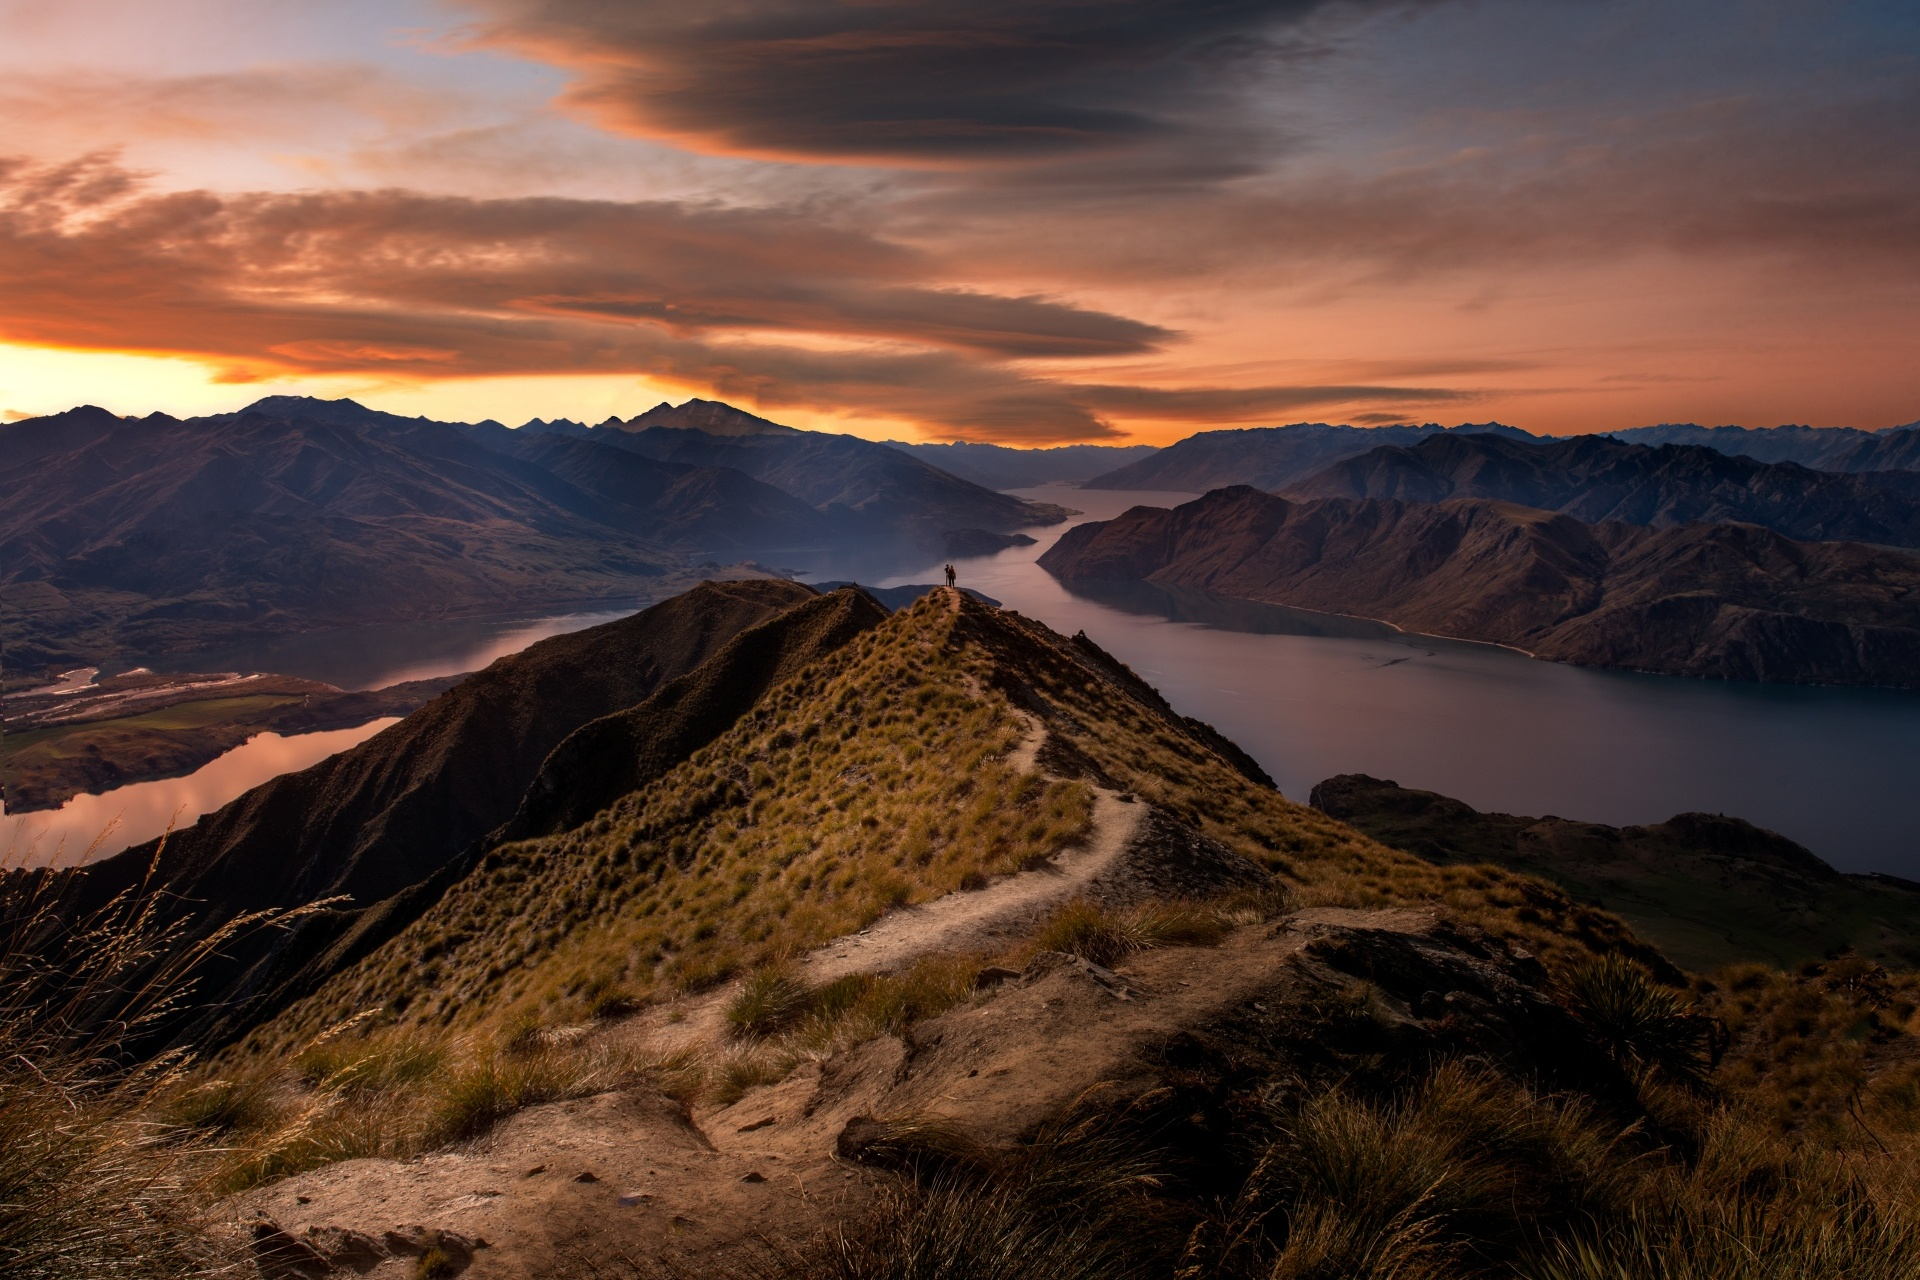 ロイズピークの風景 ニュージーランドの風景